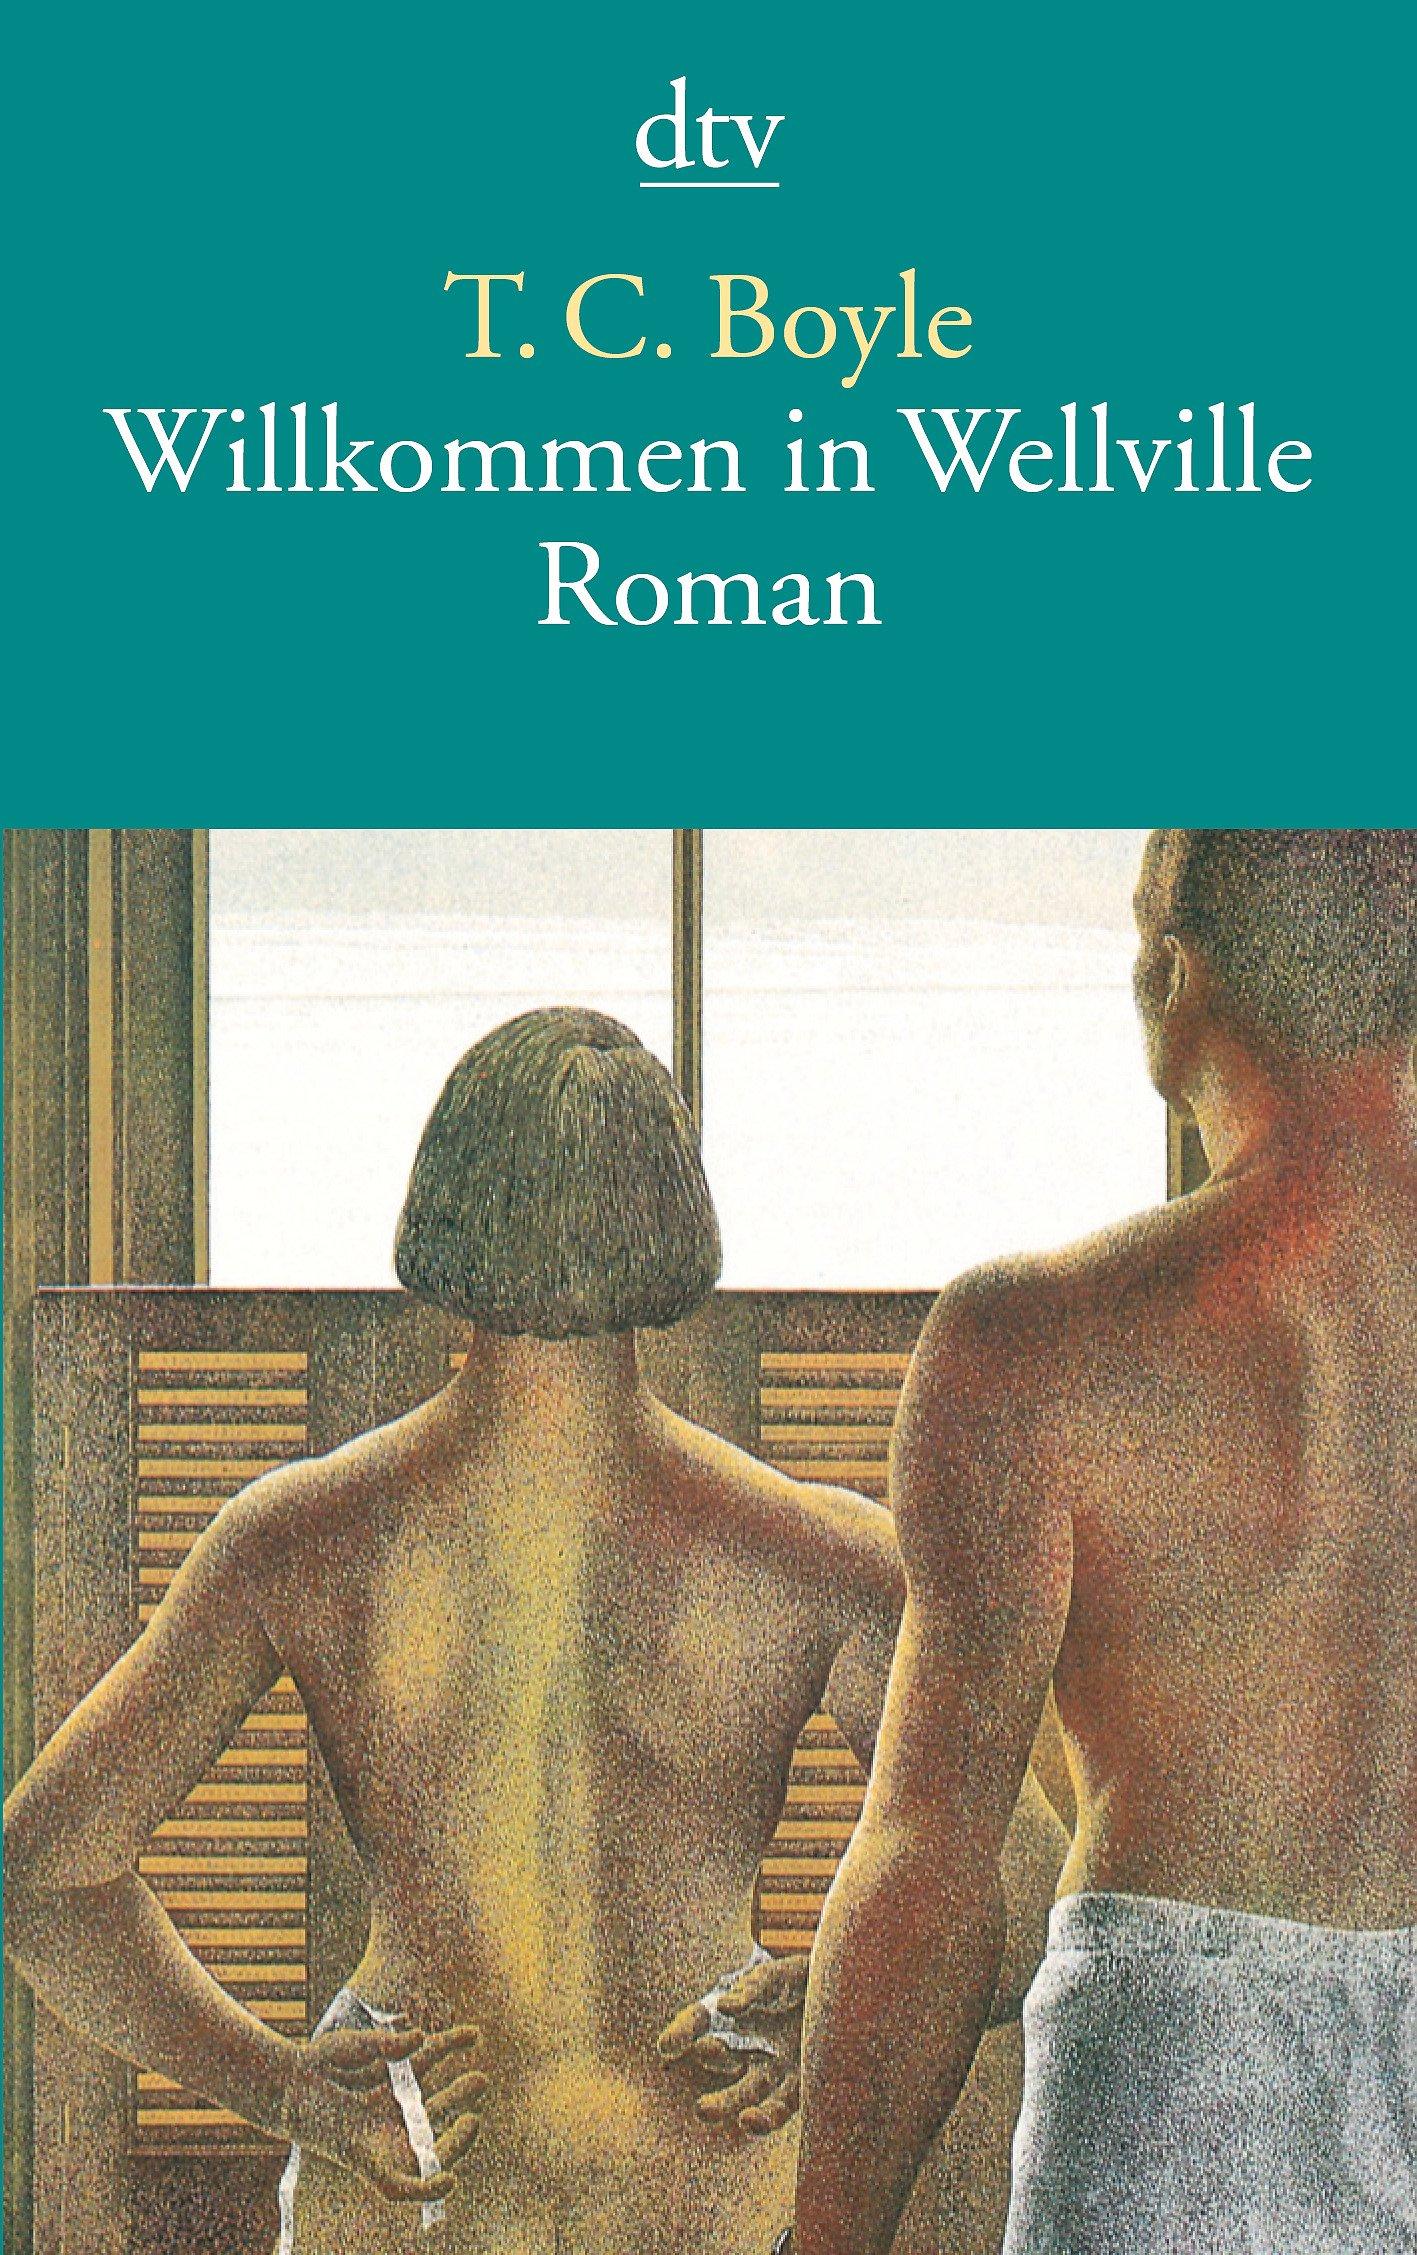 Willkommen in Wellville: Roman